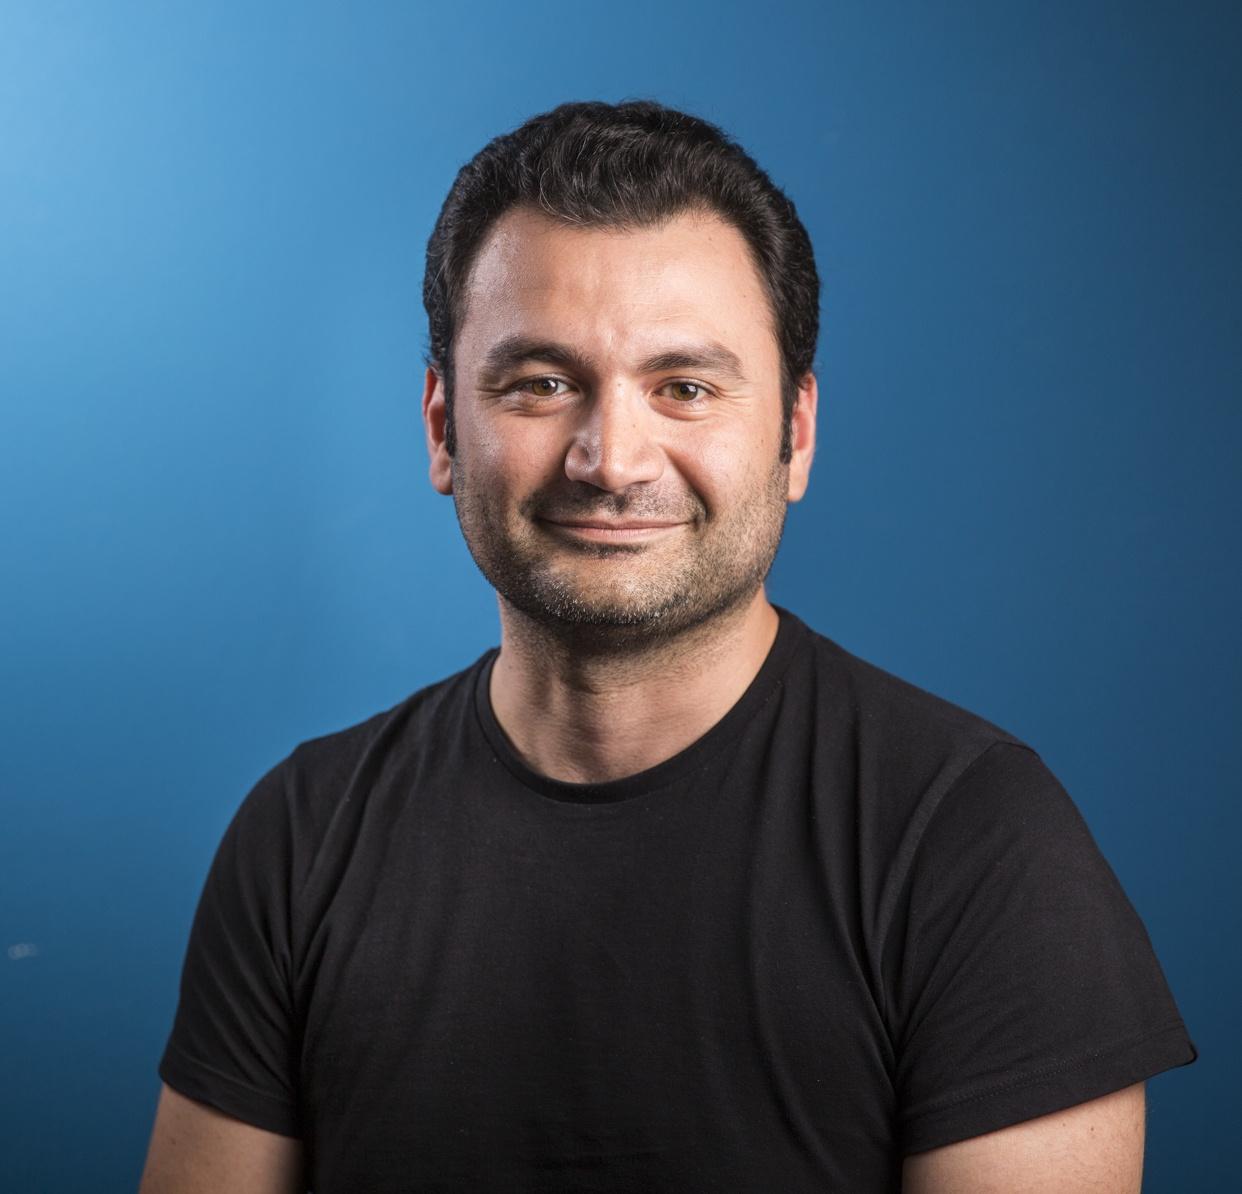 Gianluca Lattanzi